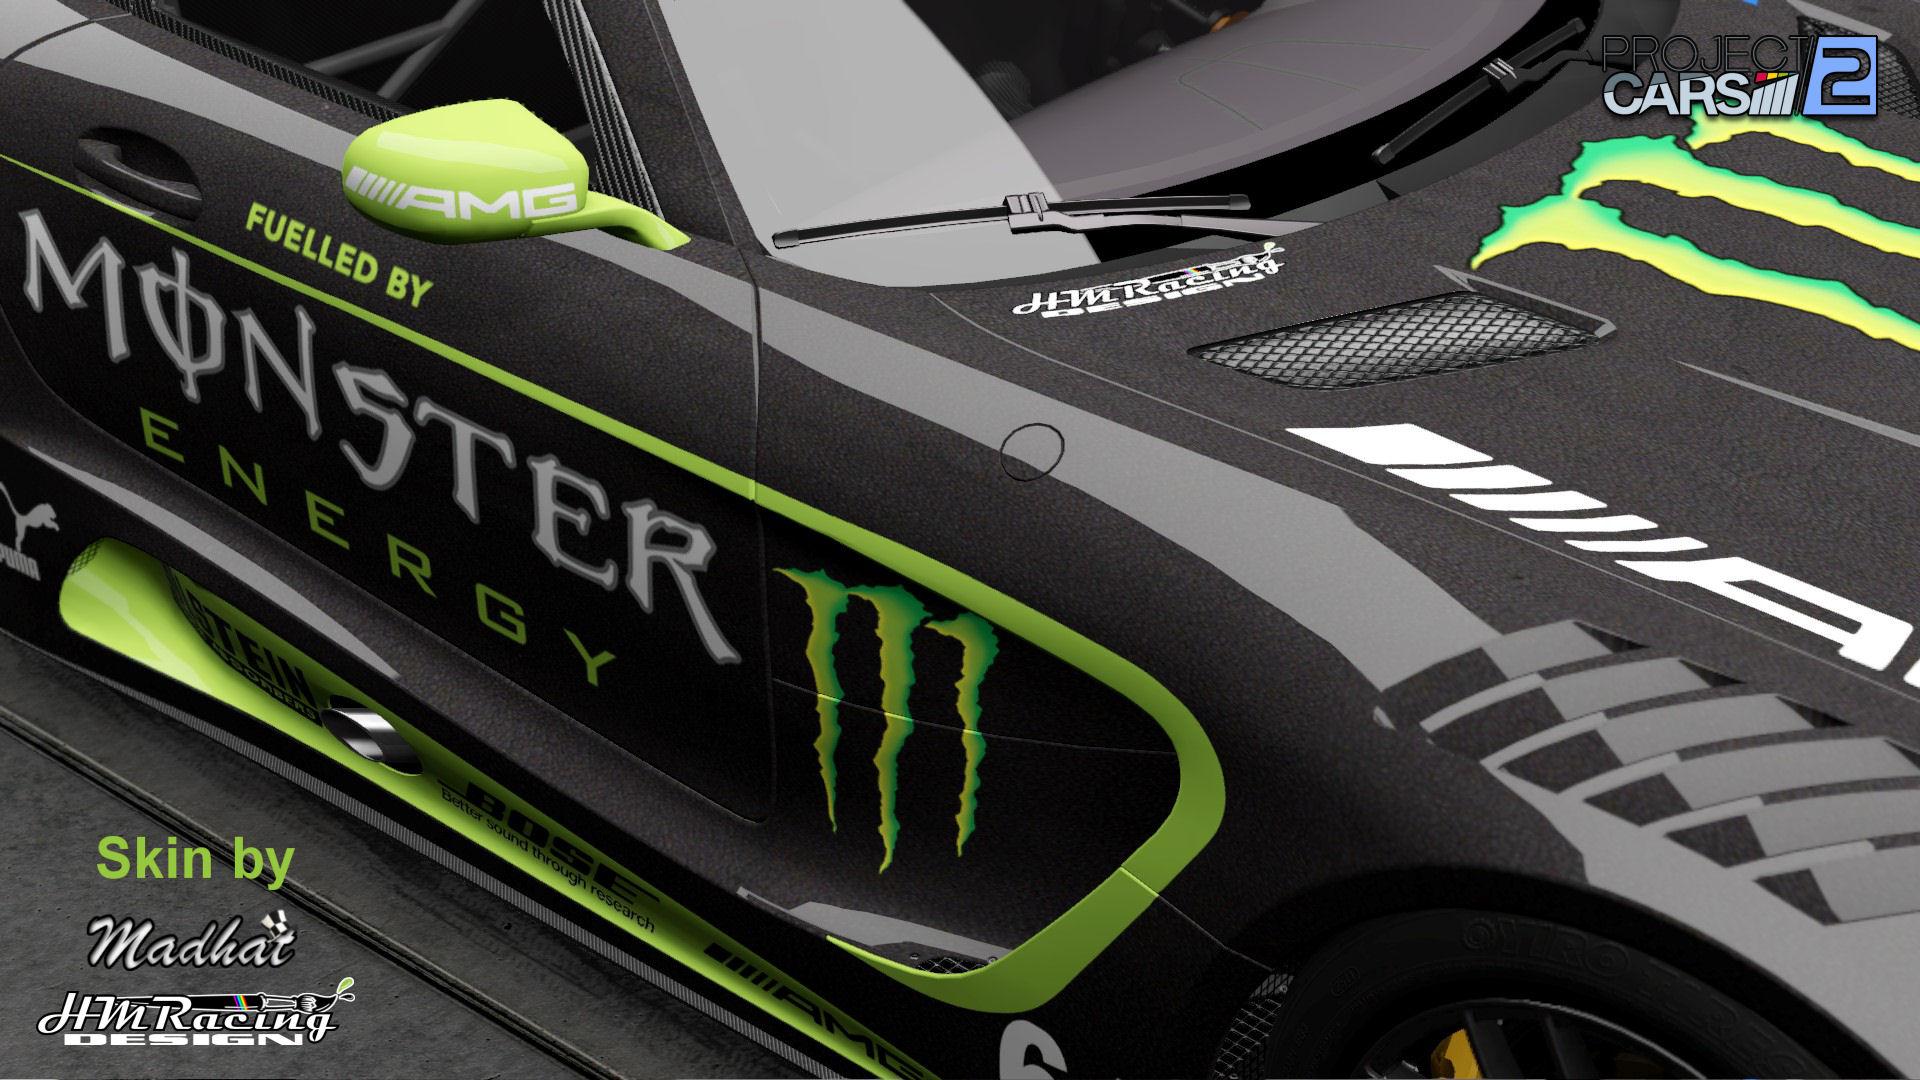 Mercedes AMG GT3 Monster 05.jpg